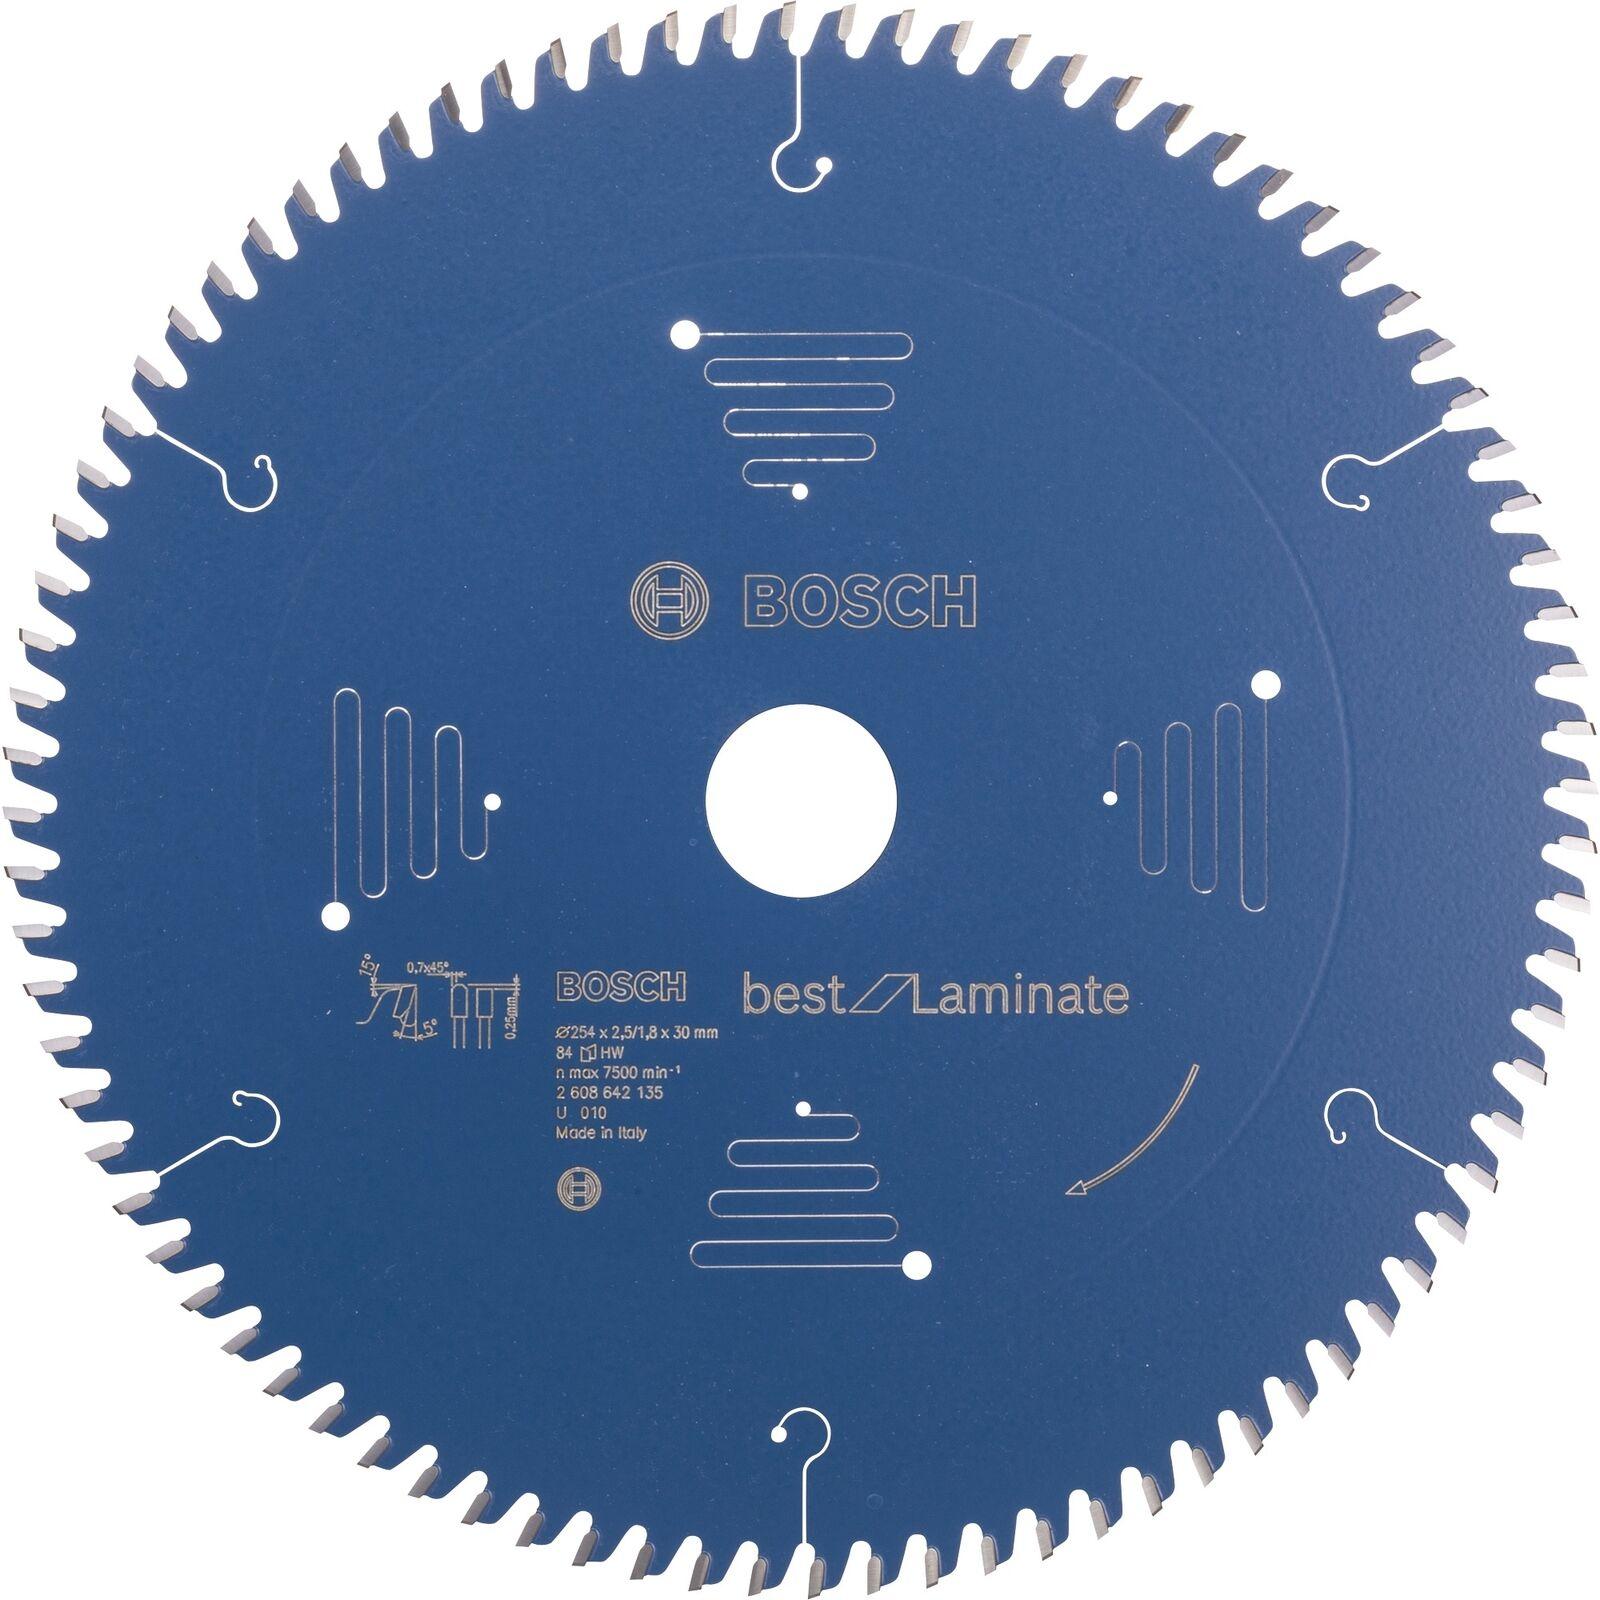 Bosch Professional Kreissägeblatt Best for Laminate, Sägeblatt